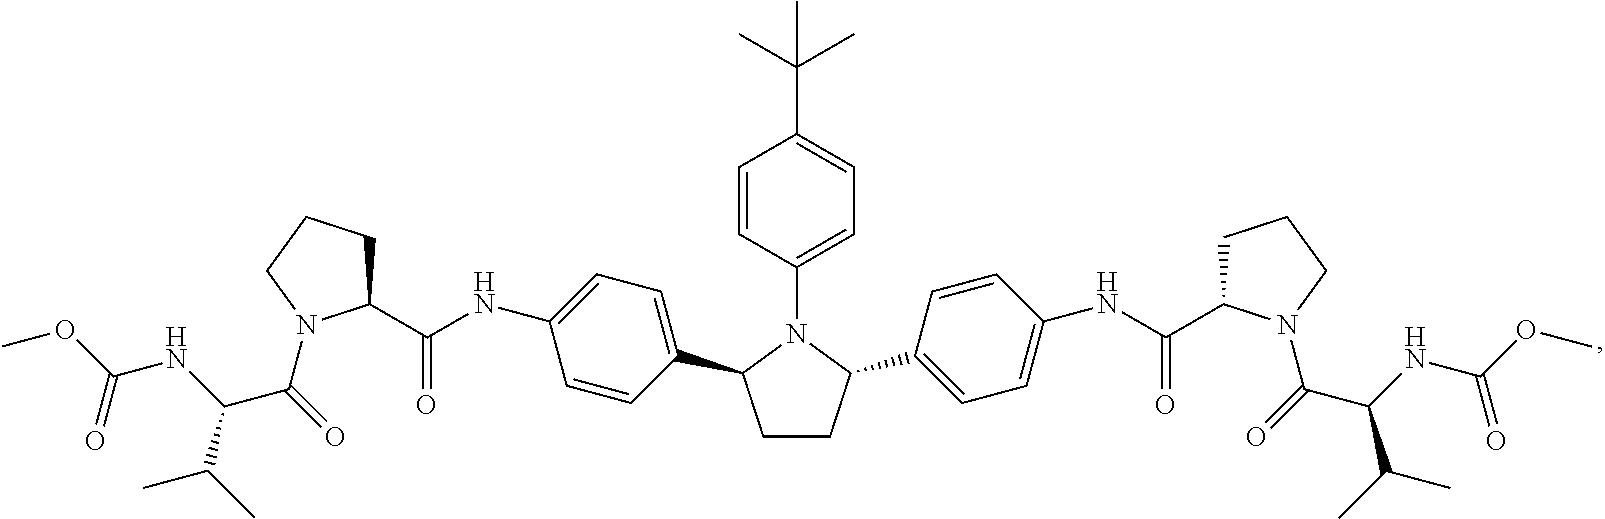 Figure US08466159-20130618-C00013